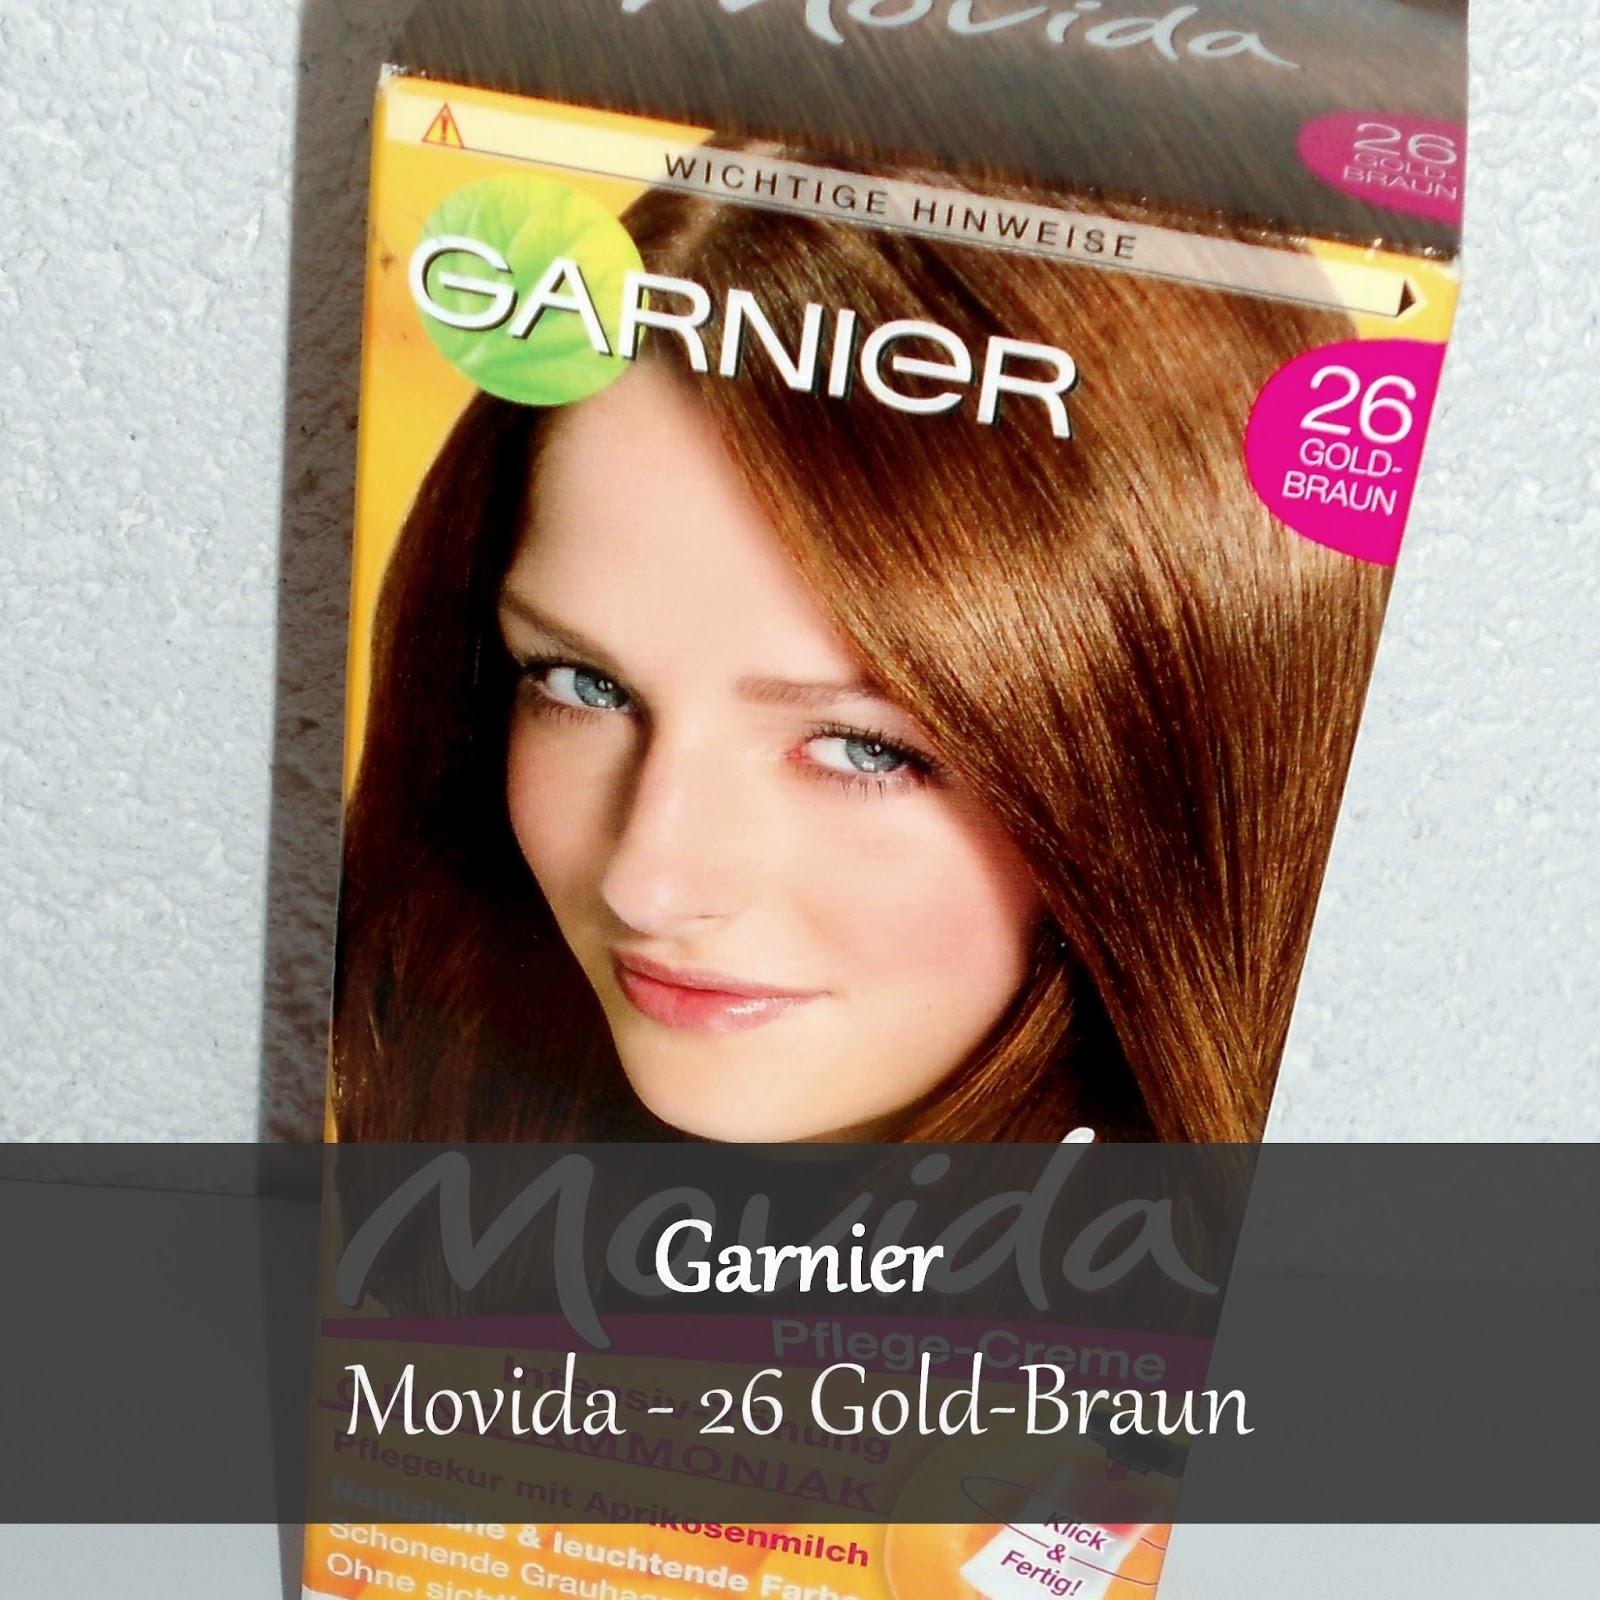 http://kleines-schmuckstueck.blogspot.de/2014/06/review-garnier-movida-26-gold-braun.html